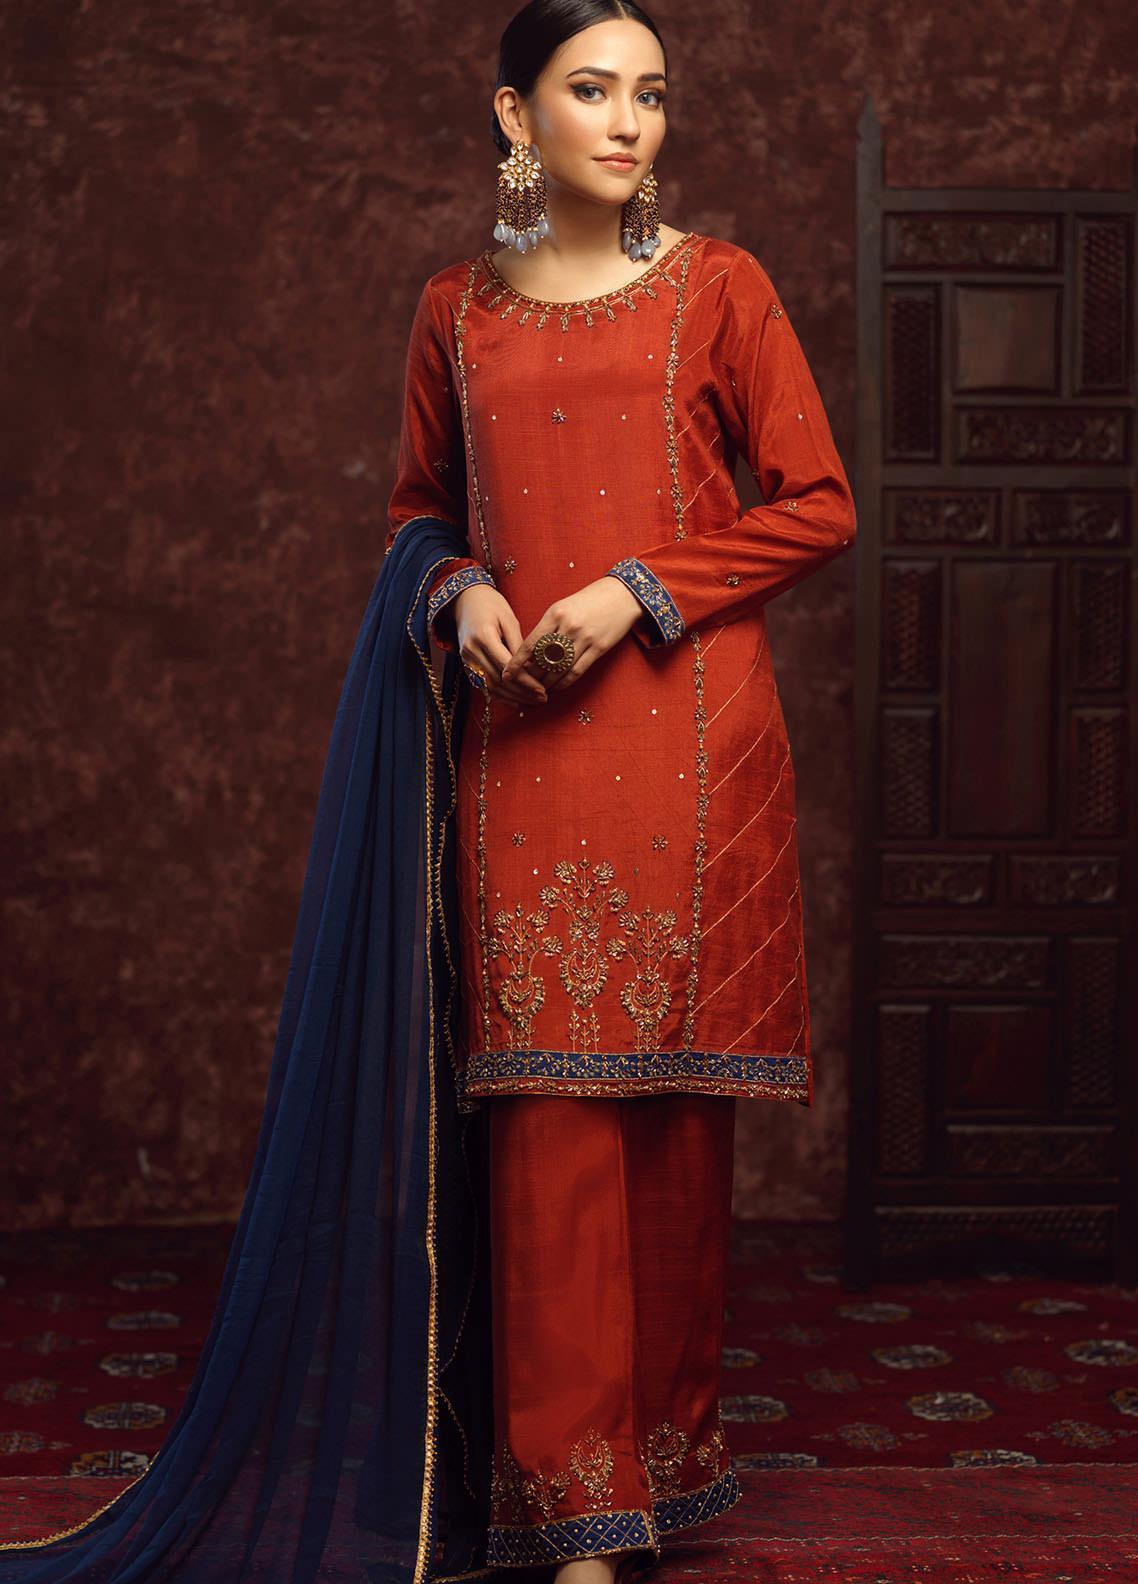 Zaaviay Embroidered Raw Silk Stitched 3 Piece Suit GEHNA - 019 SUNSITARA